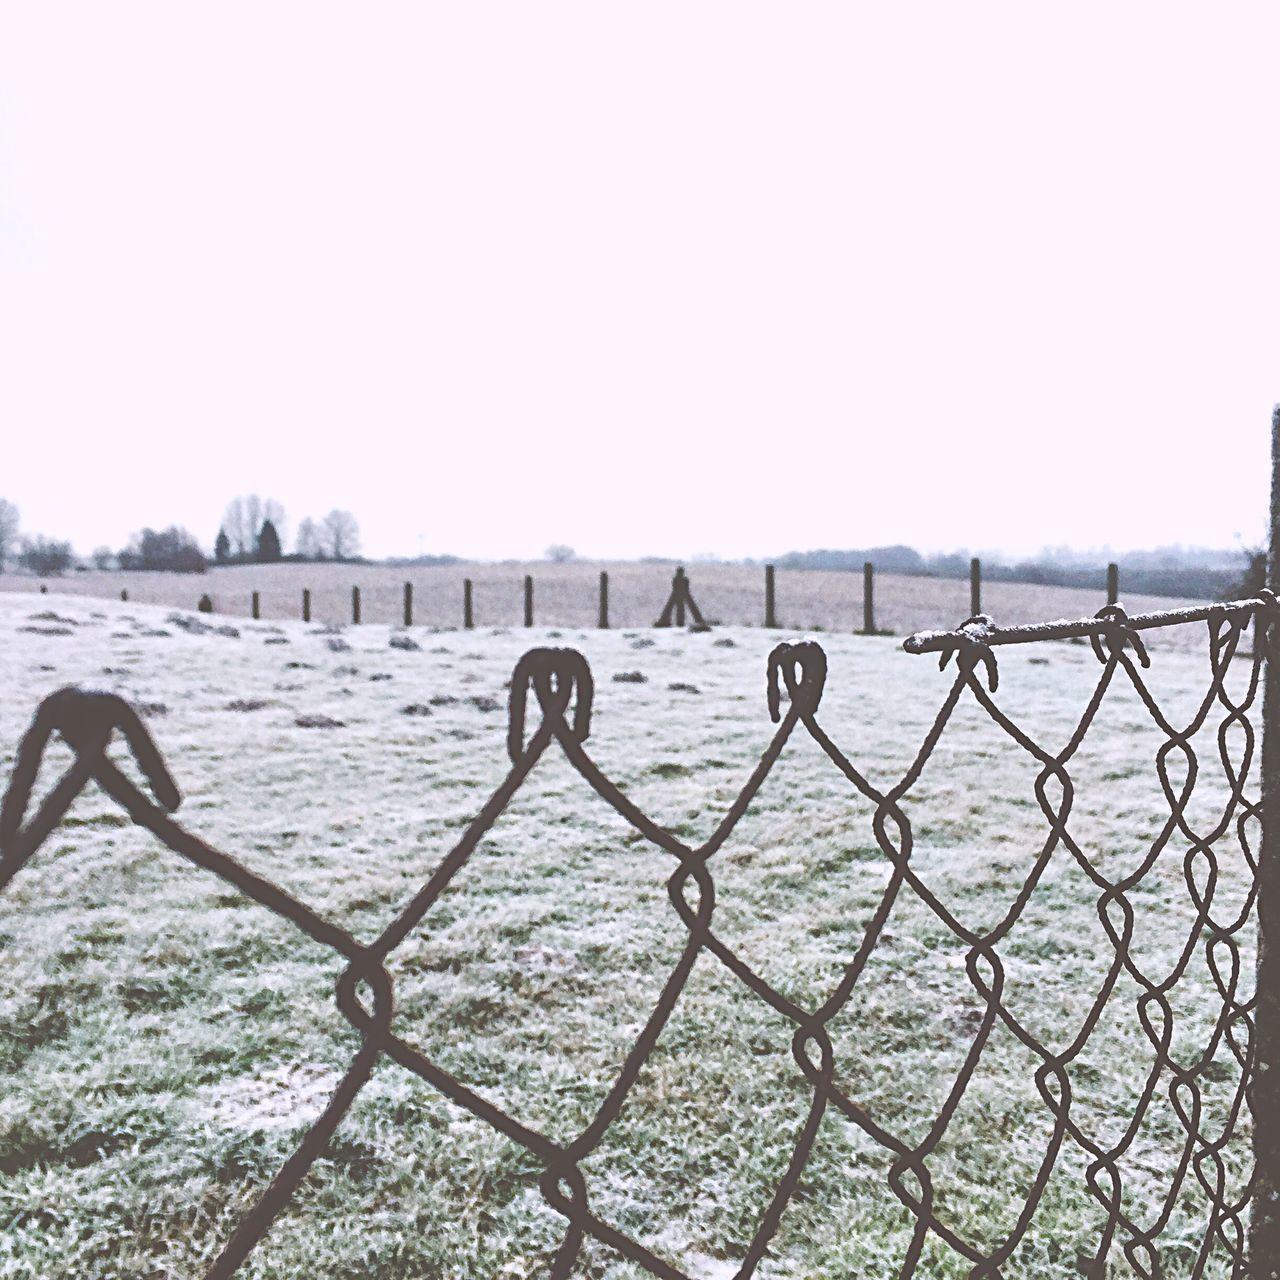 Cold Winter ❄⛄ Wintertime Winter Landscape_photography Landscape_Collection Landscape Countryside Germany Mecklenburg-Vorpommern